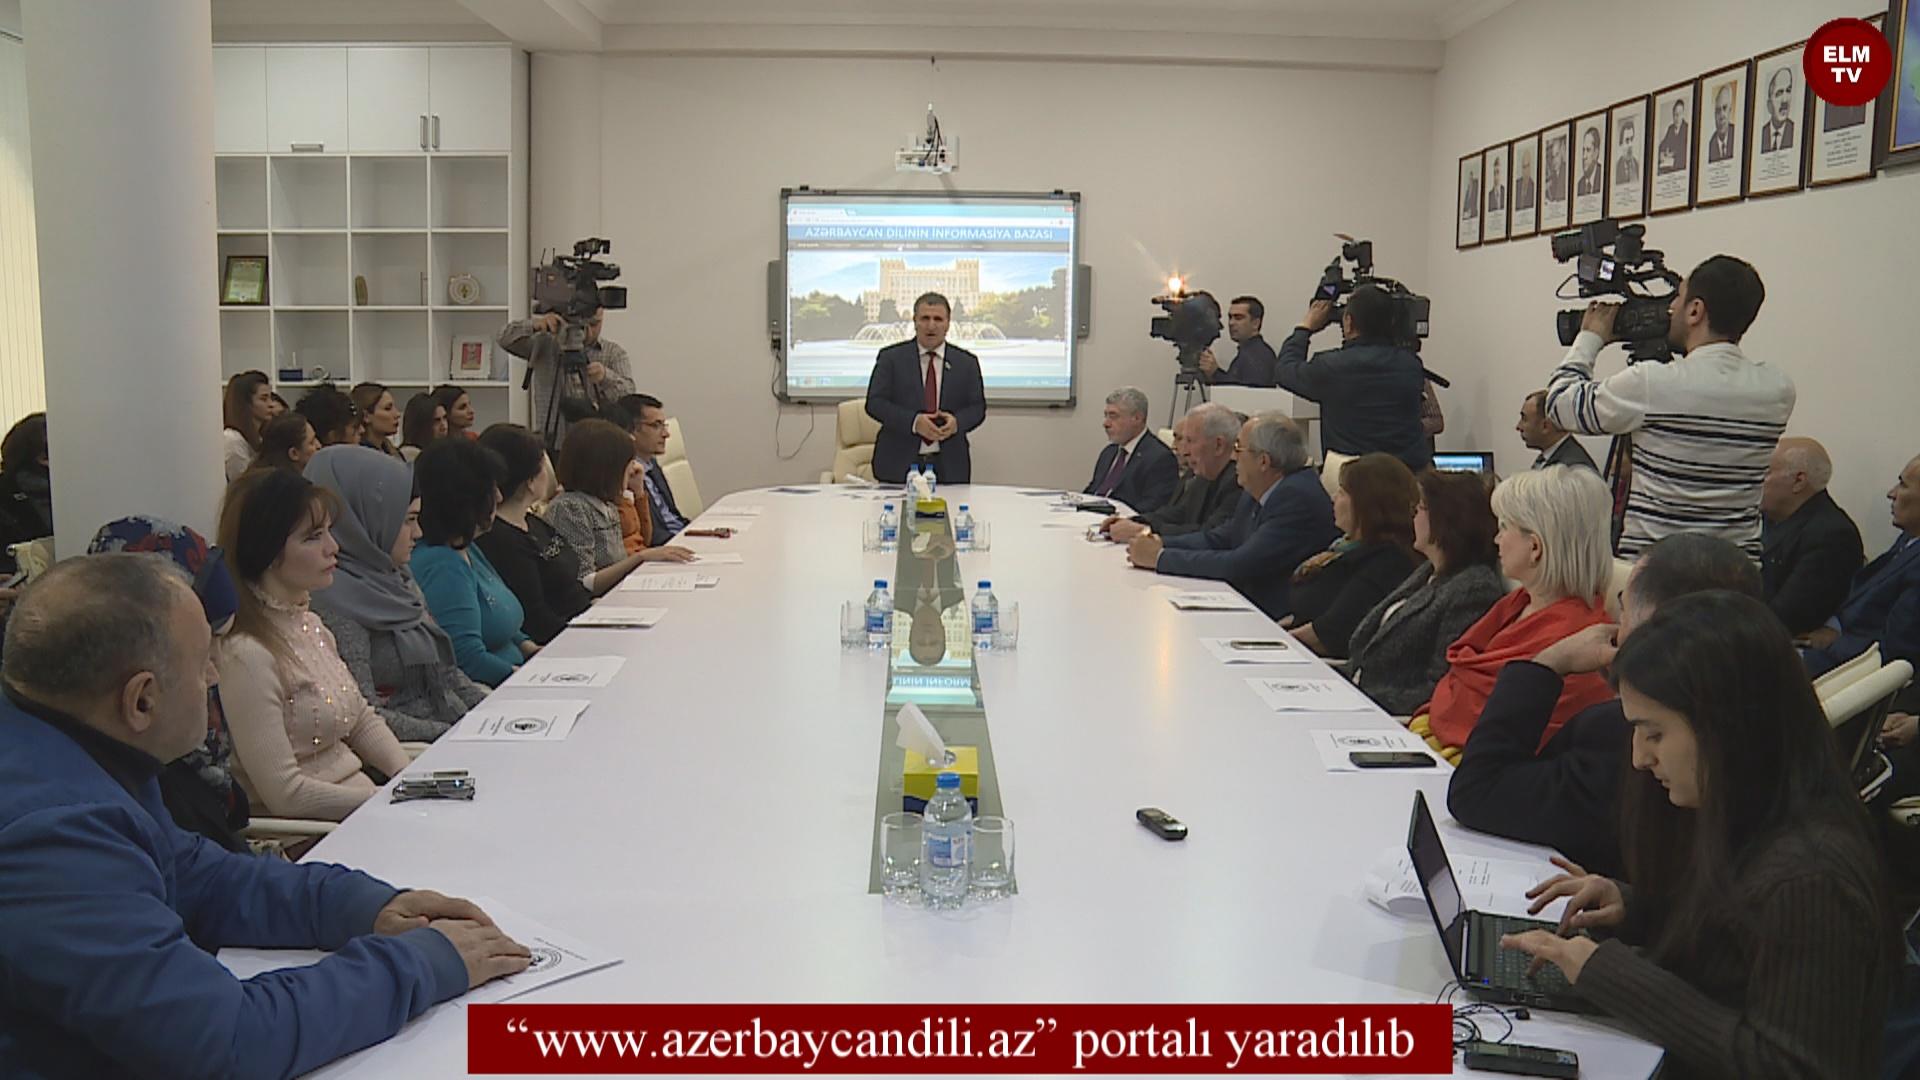 www.azerbaycandili.az portalı yaradılıb